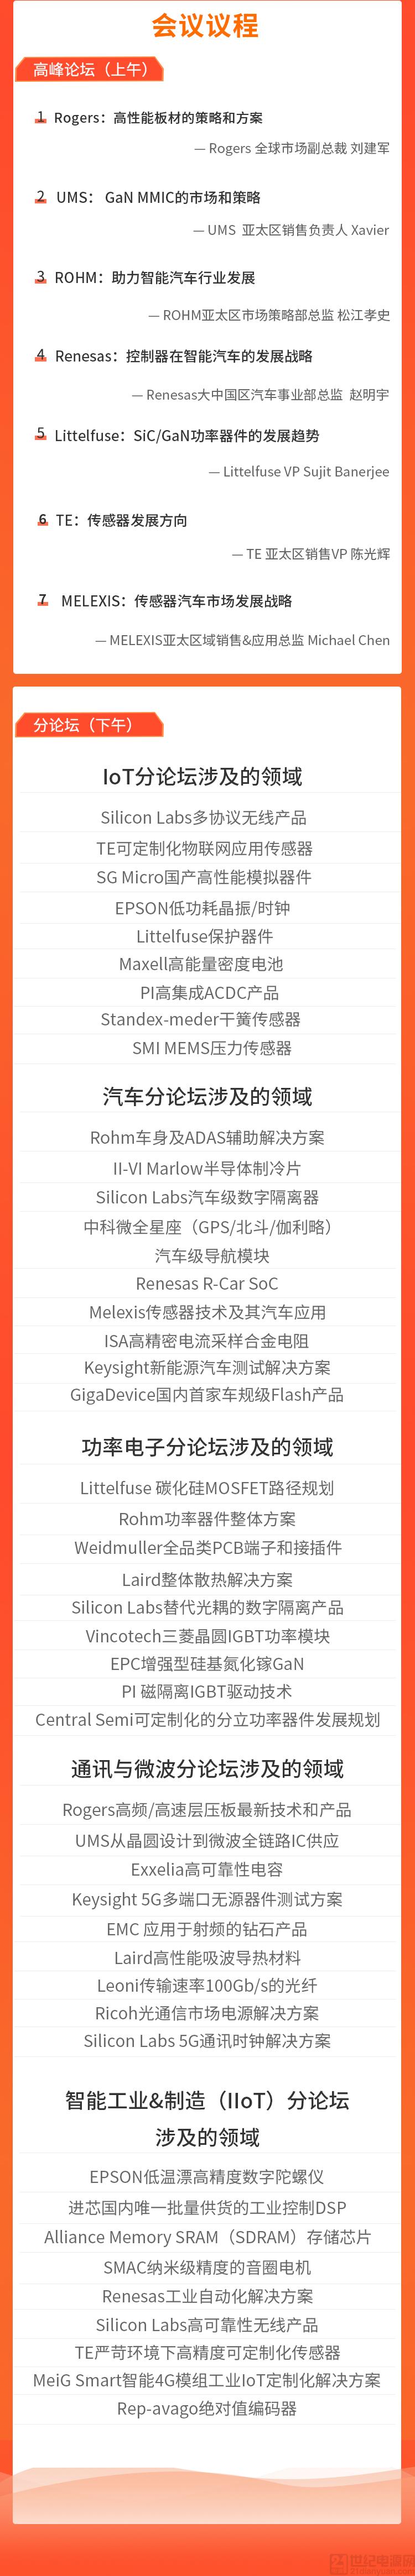 硬创峰会:TE Connectivity 传感器亚太区总经理陈光辉,将解析其传感器在物联网的发展战略及最新产品